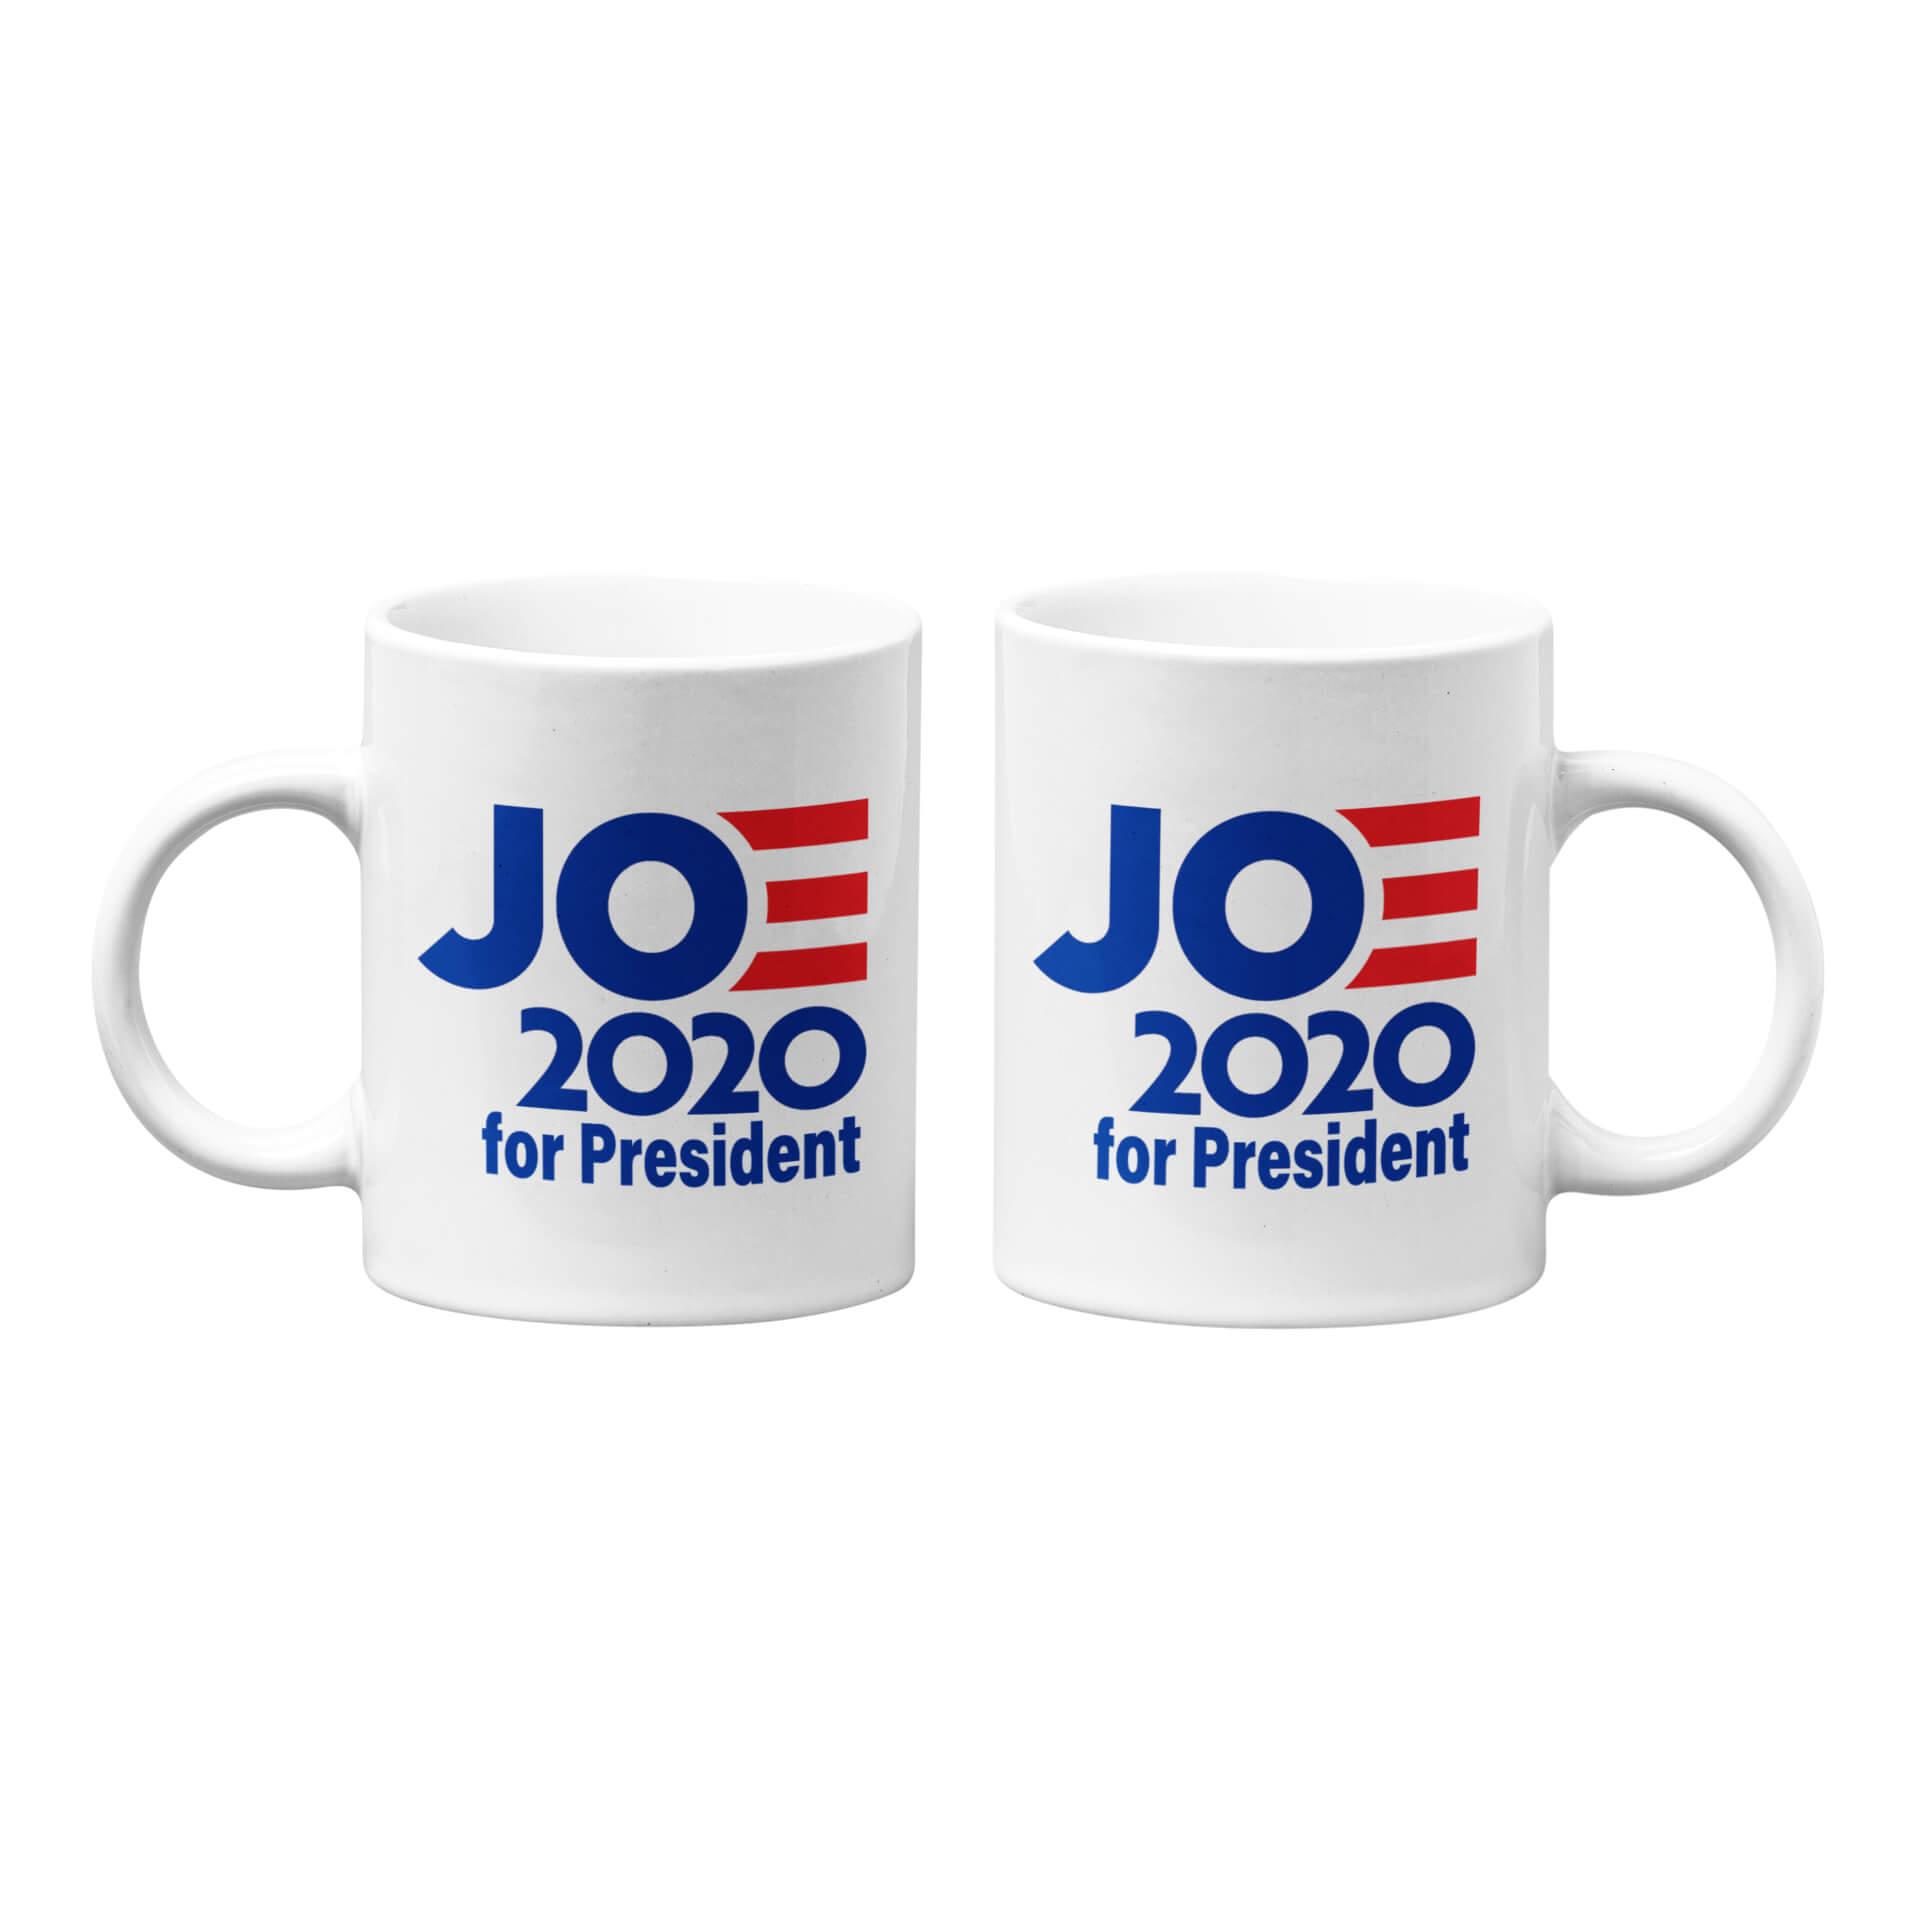 Joe 2020 for President Mug